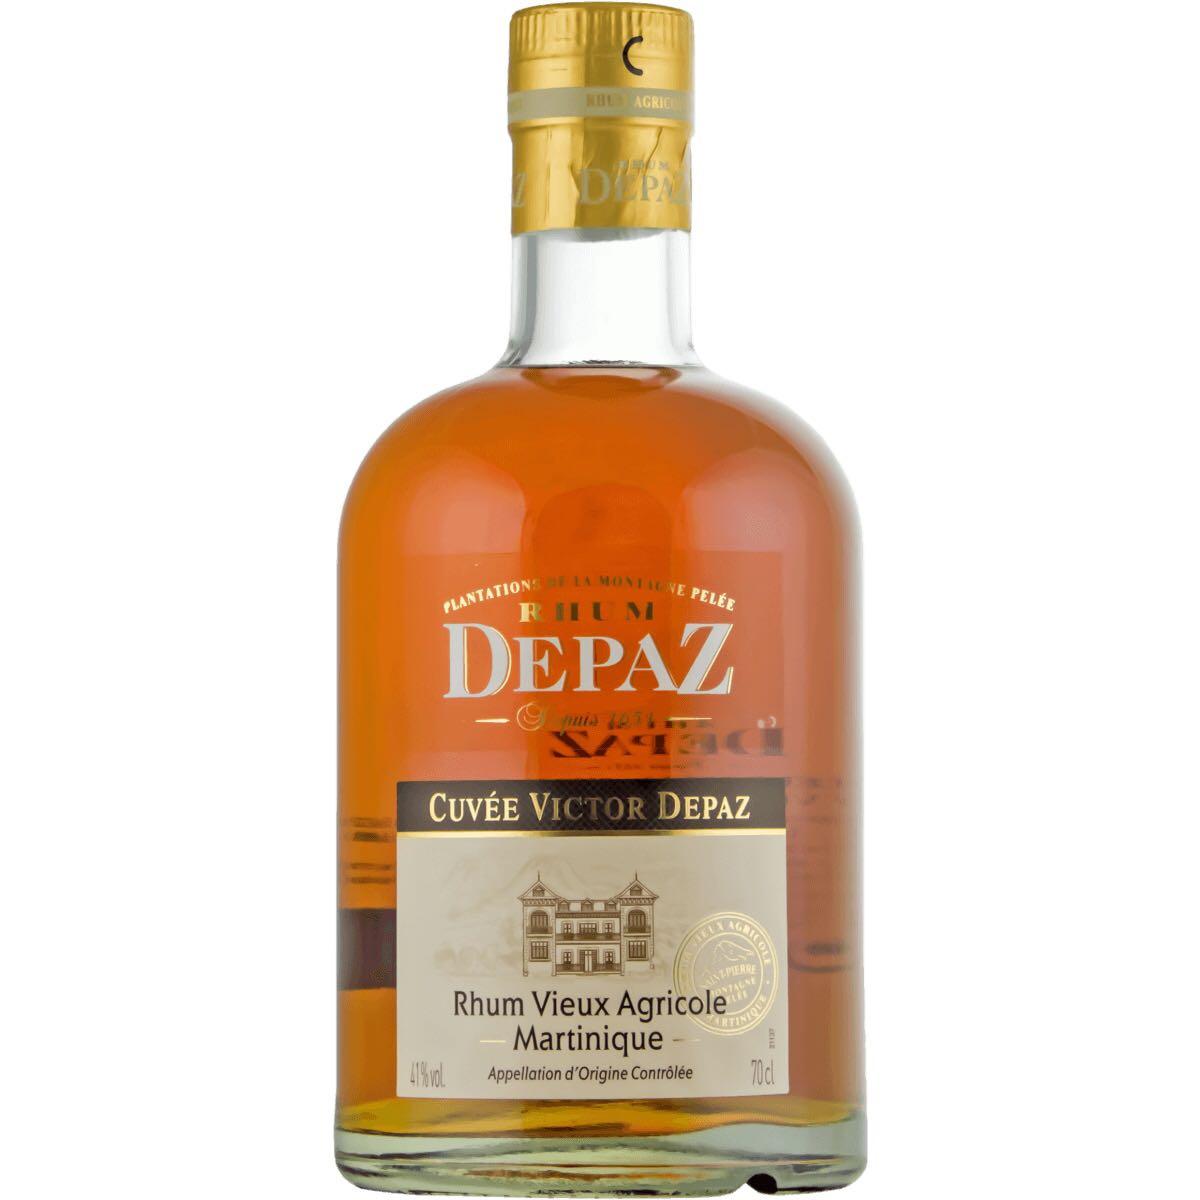 Bottle image of Cuvée Victor